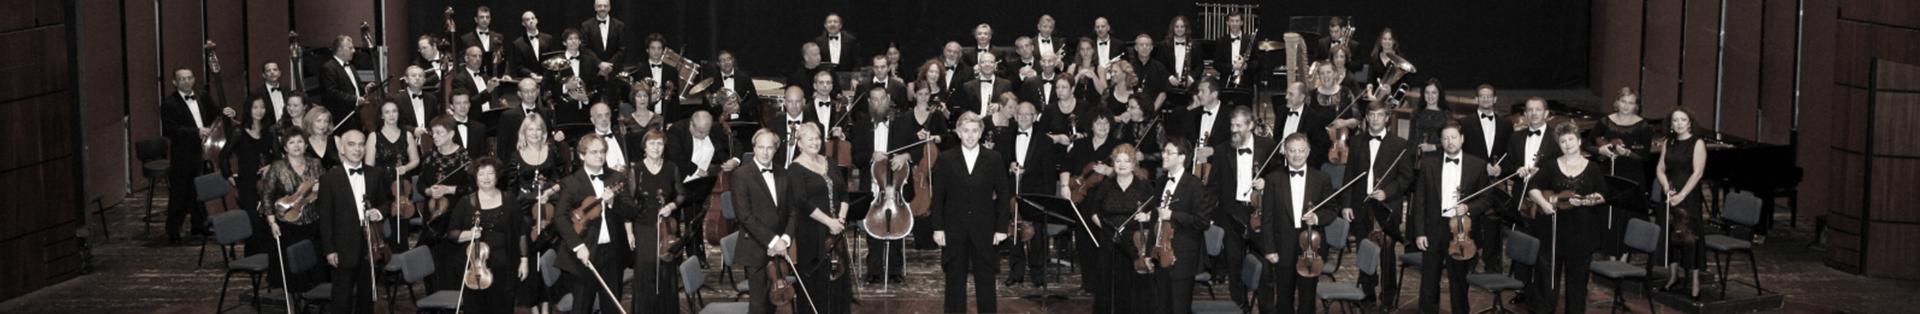 התזמורת הסימפונית הישראלית ראשון לציון